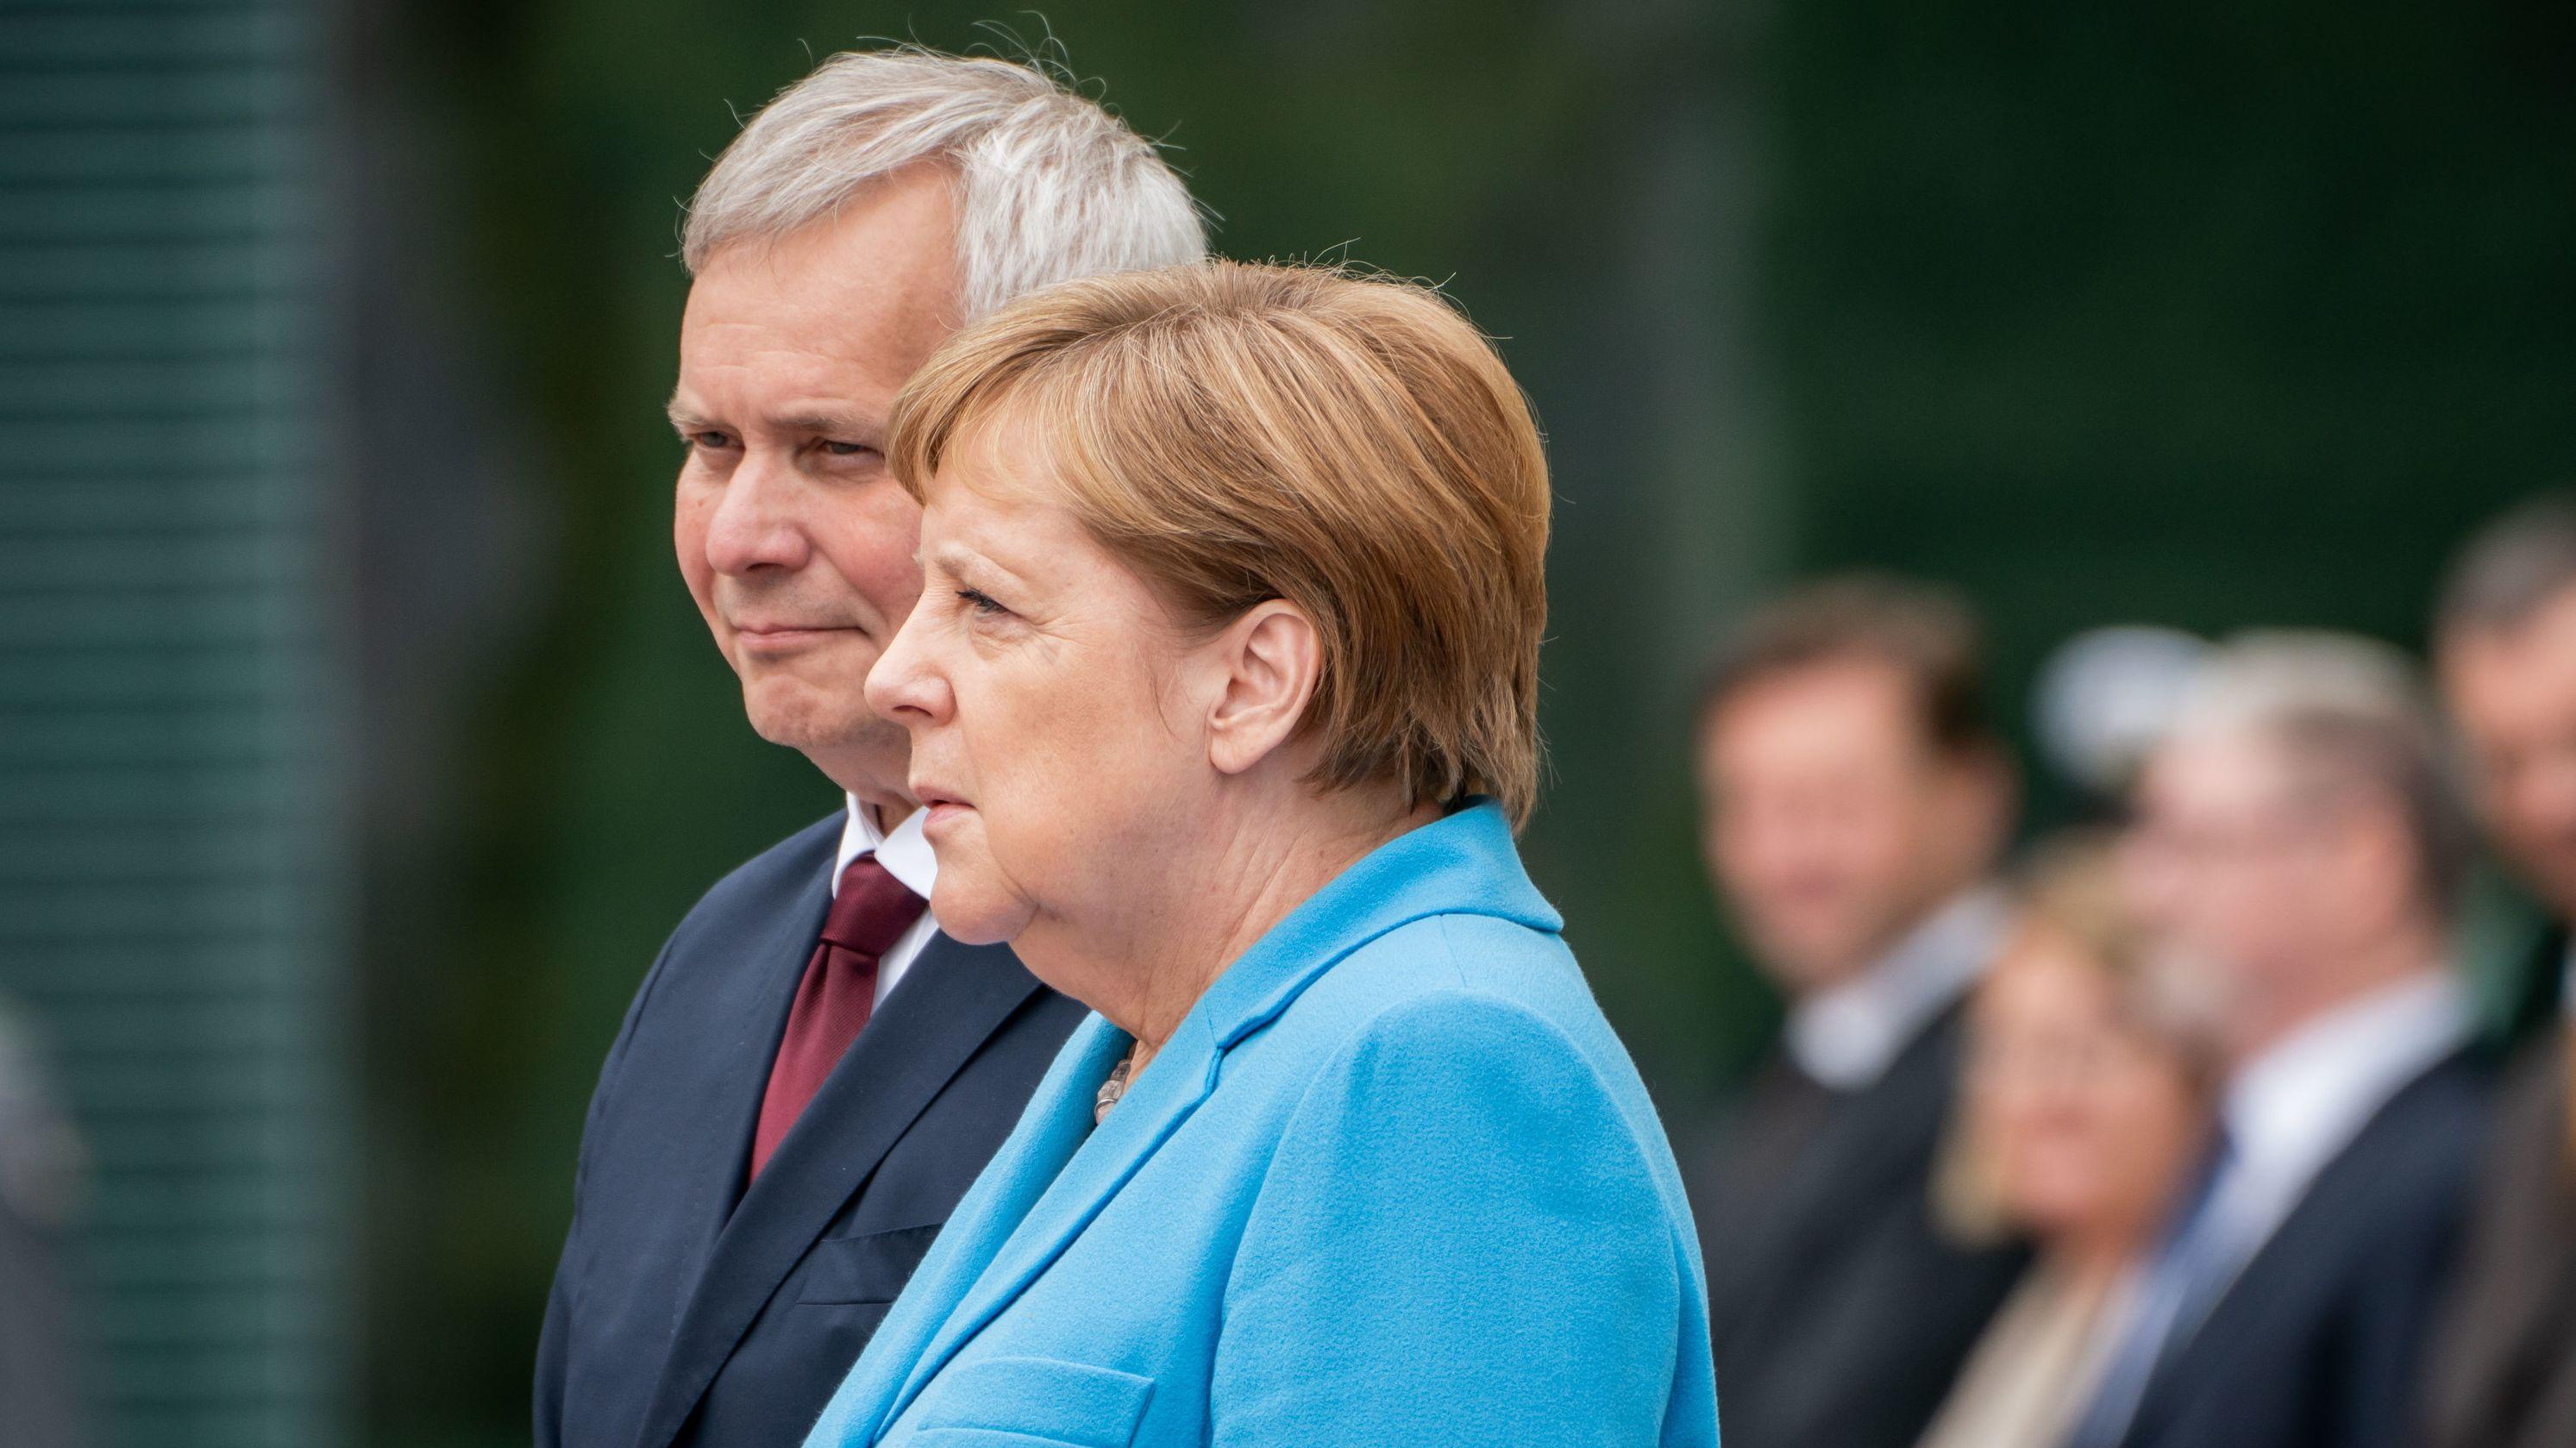 Bundeskanzlerin Angela Merkel (CDU) empfängt Finnlands Ministerpräsidenten Antti Rinne